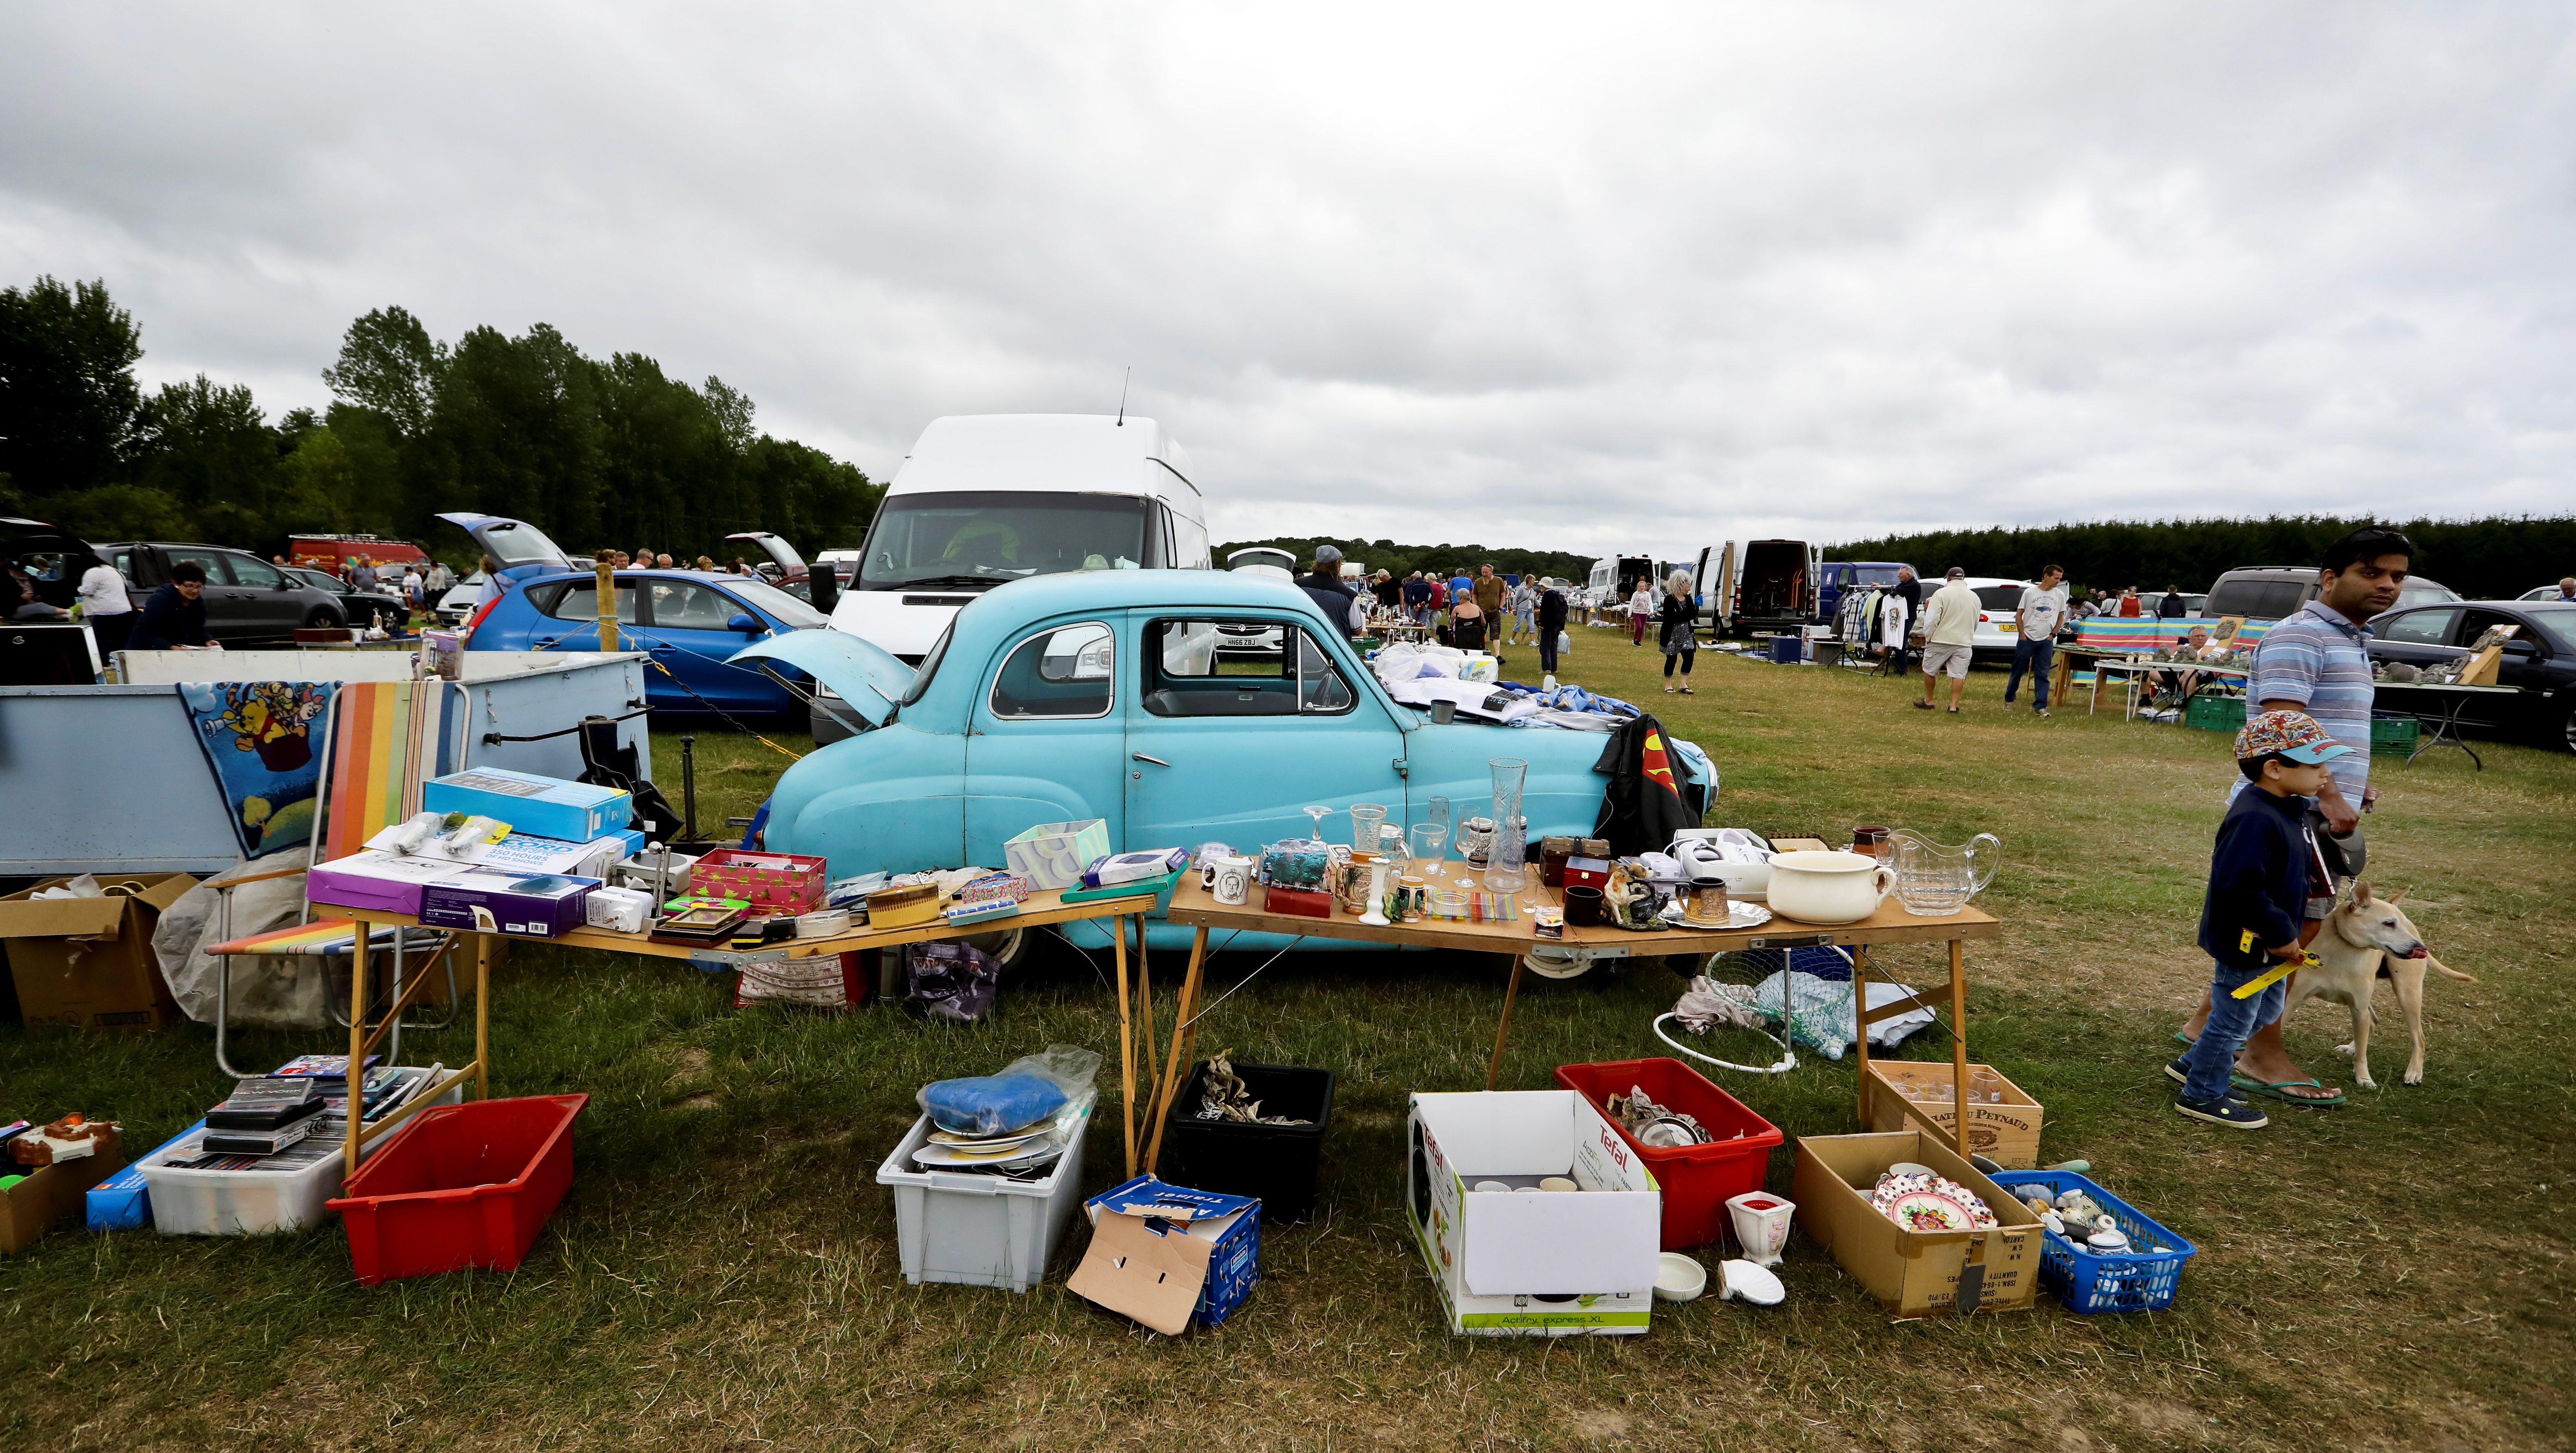 An Austin car is seen at a flea market boot fair in Lymington, Britain June 25. 2017.